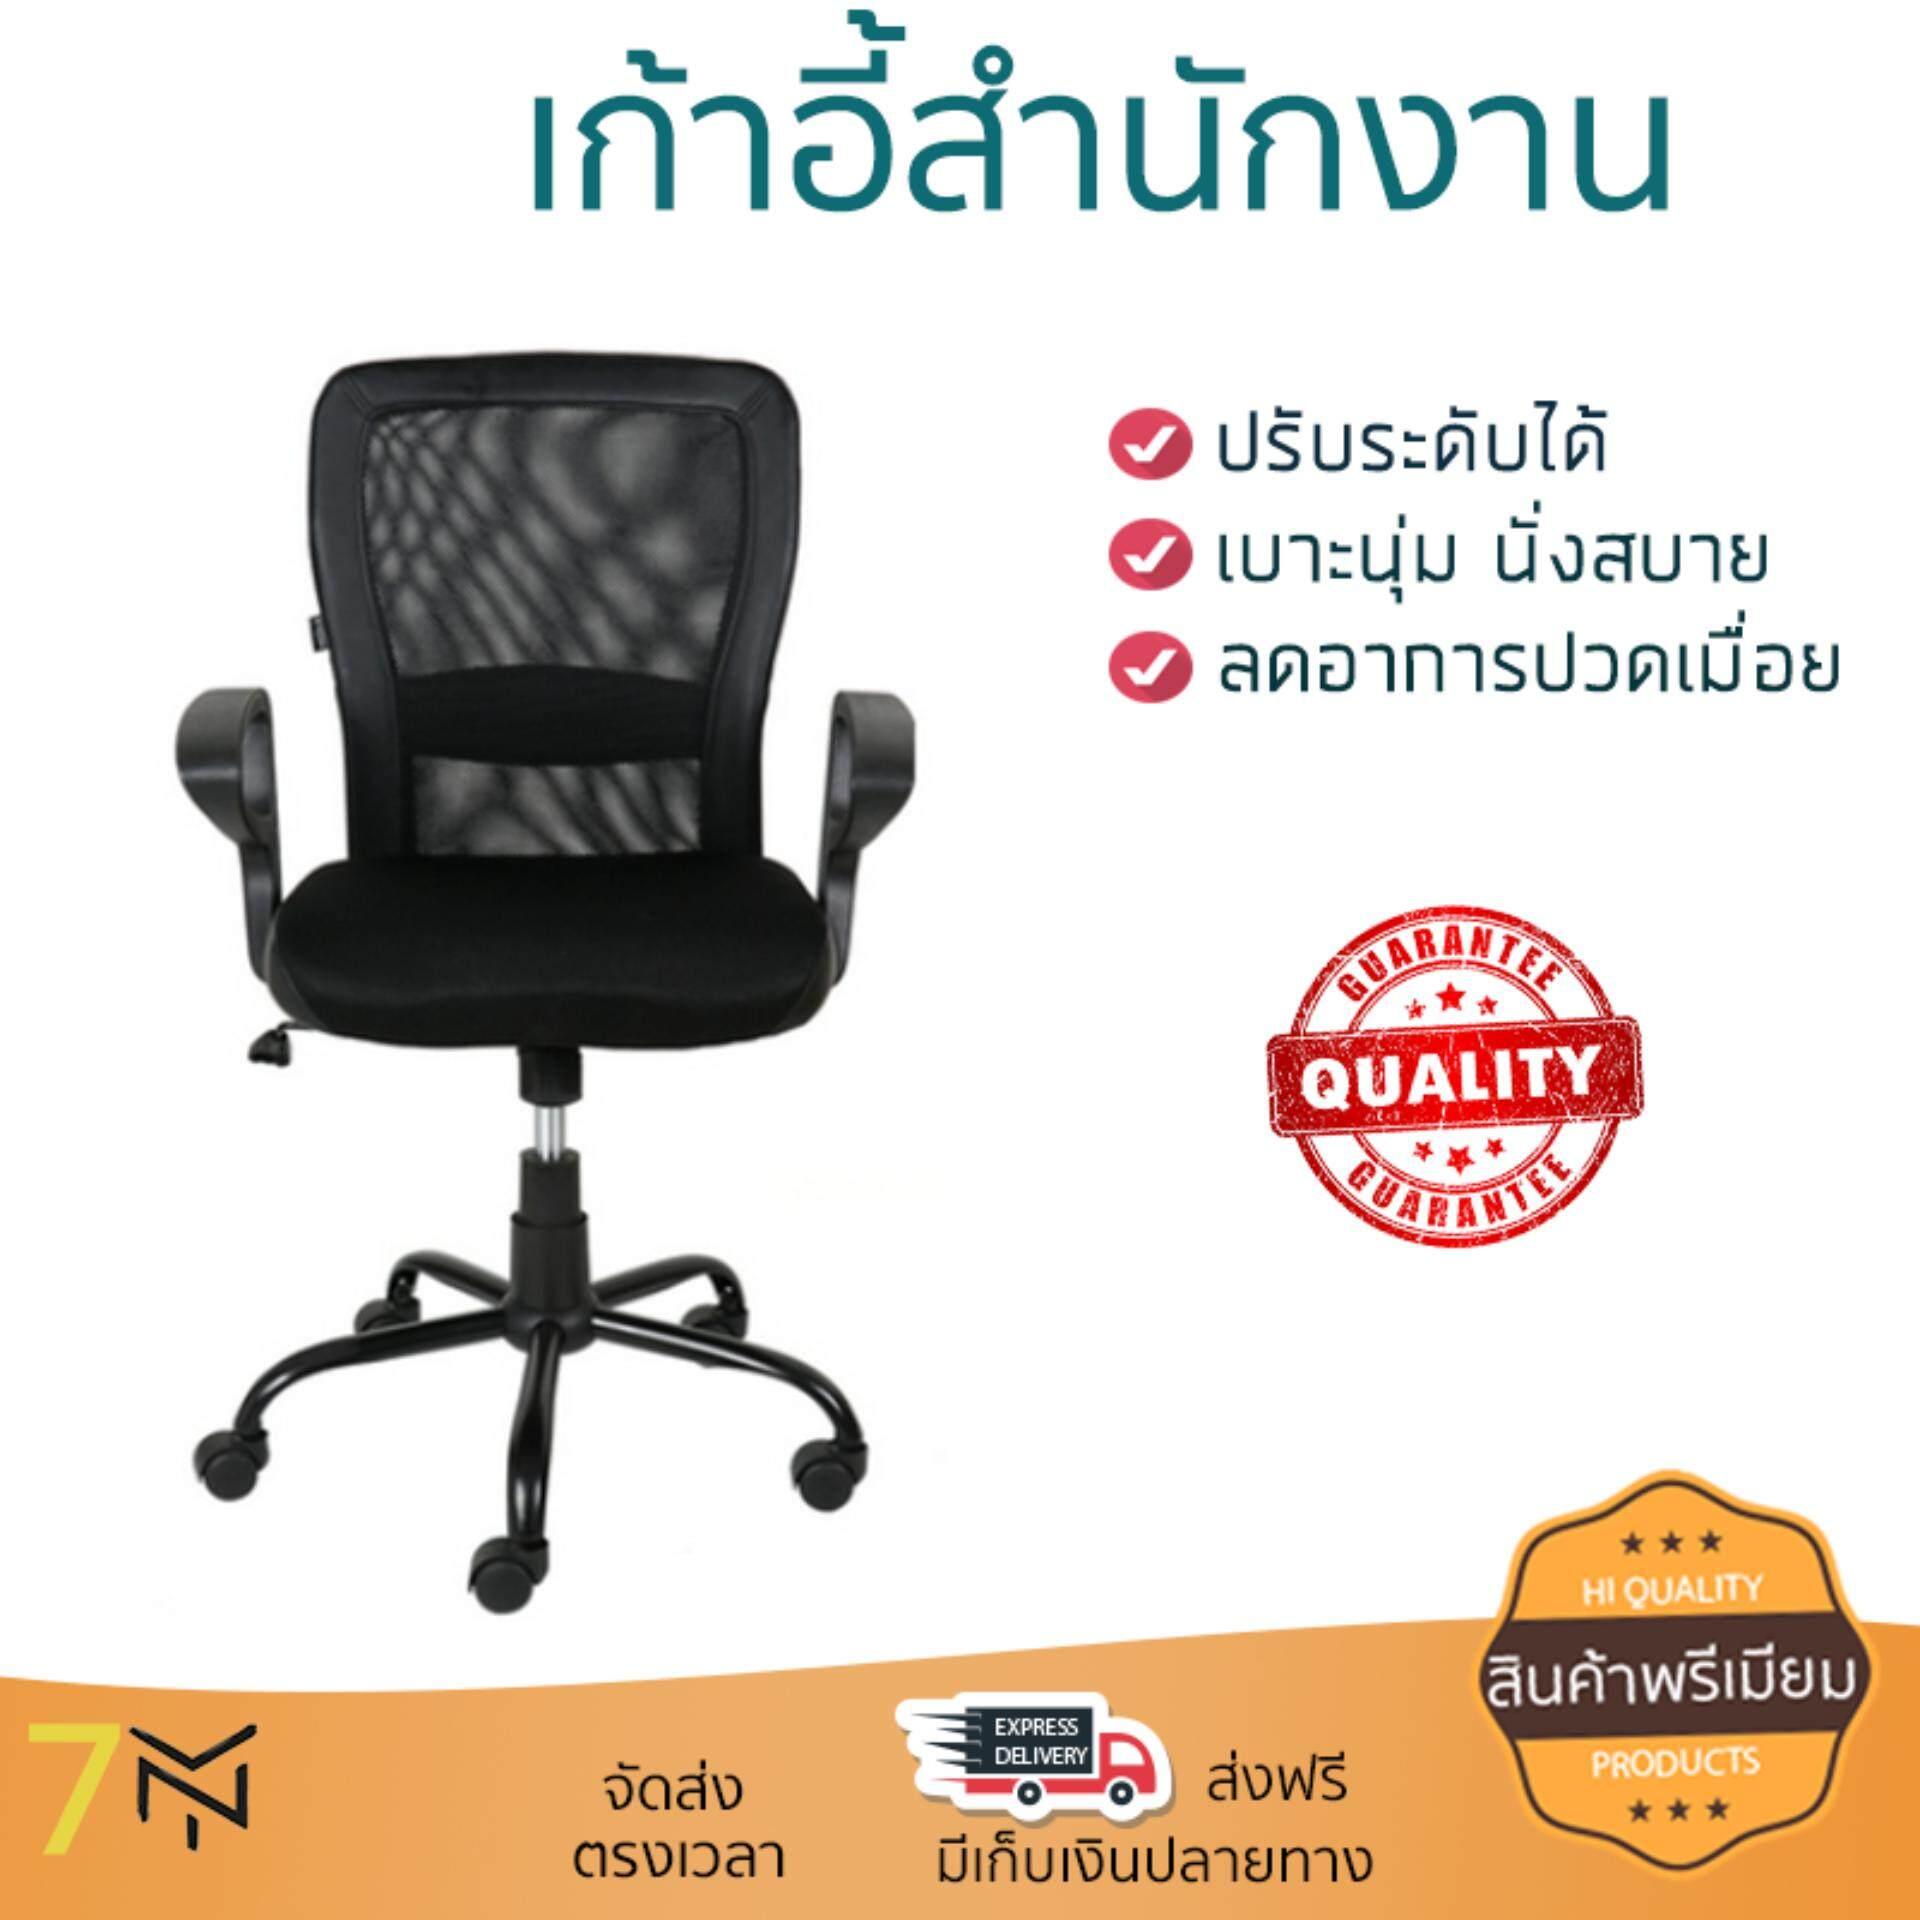 ราคาพิเศษ เก้าอี้ทำงาน เก้าอี้สำนักงาน เก้าอี้สำนักงาน MOMA PU ดำ | MODENA | MOMA ลดอาการปวดเมื่อยลำคอและไหล่ เบาะนุ่มกำลังดี นั่งสบาย ไม่อึดอัด ปรับระดับความสูงได้ Office Chair จัดส่งฟรี kerry ทั่วป